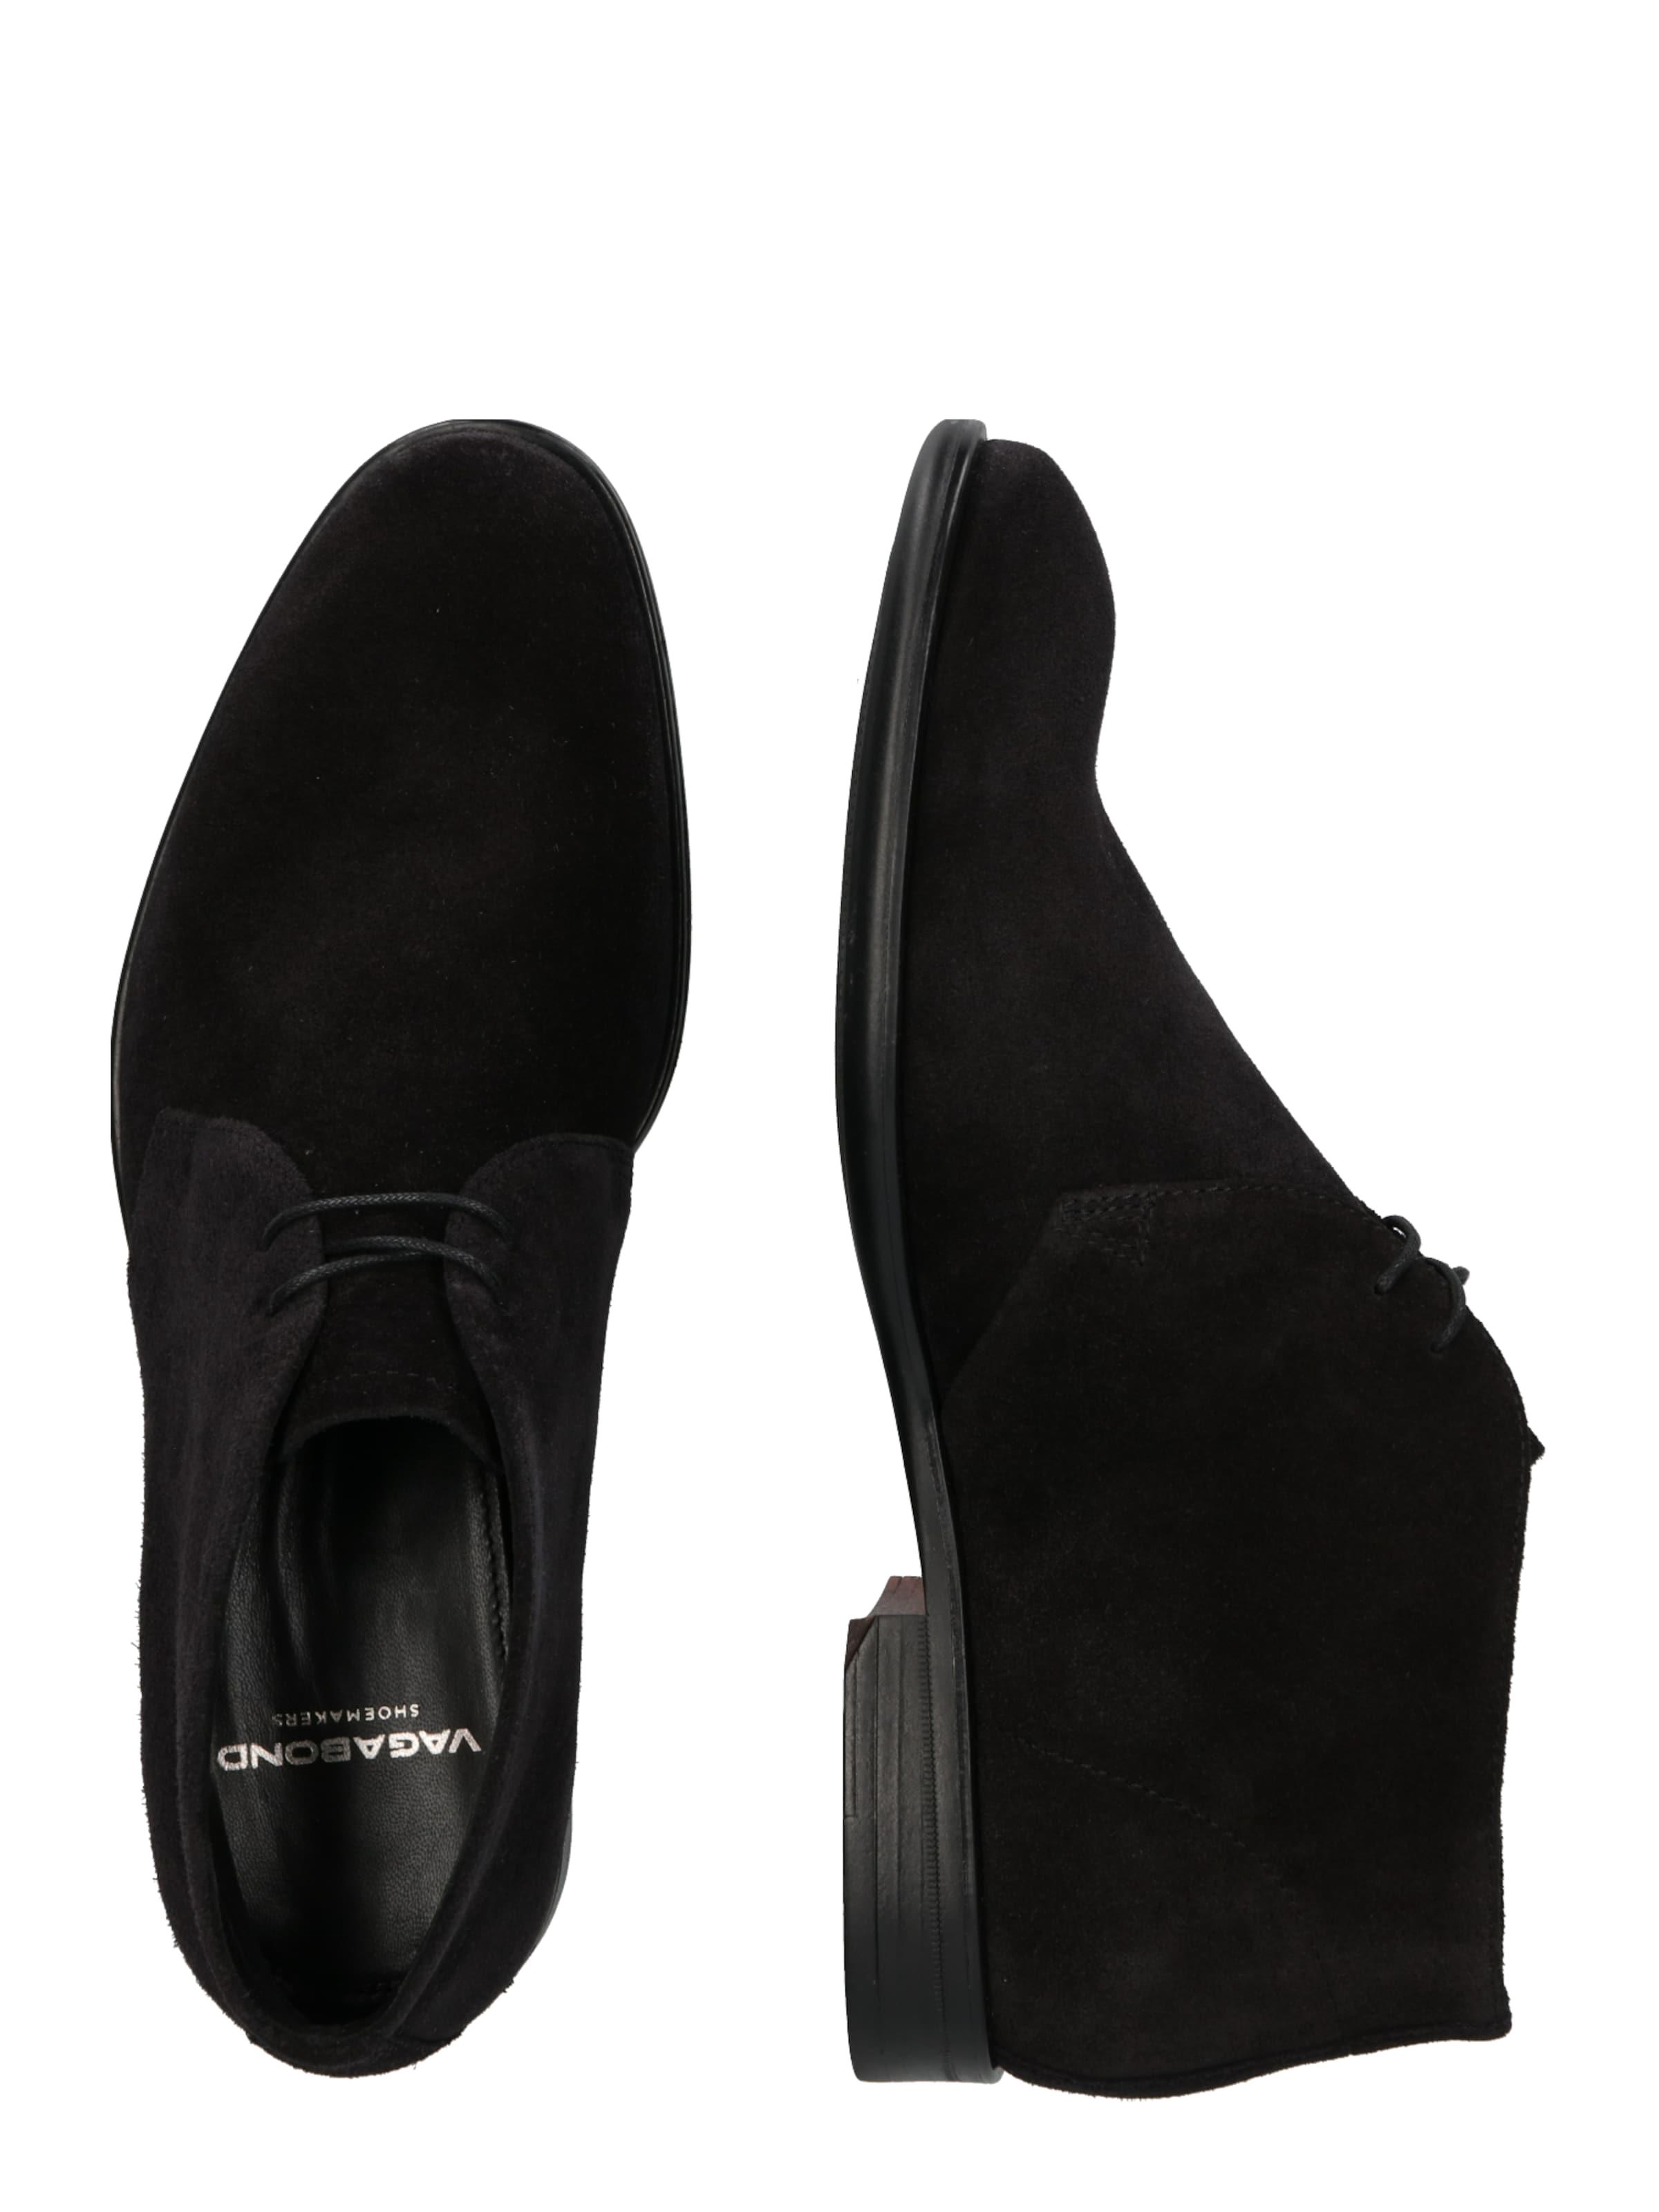 En Noir Chaussure À 'harvey' Lacets Shoemakers Vagabond 5lKJ3uF1Tc